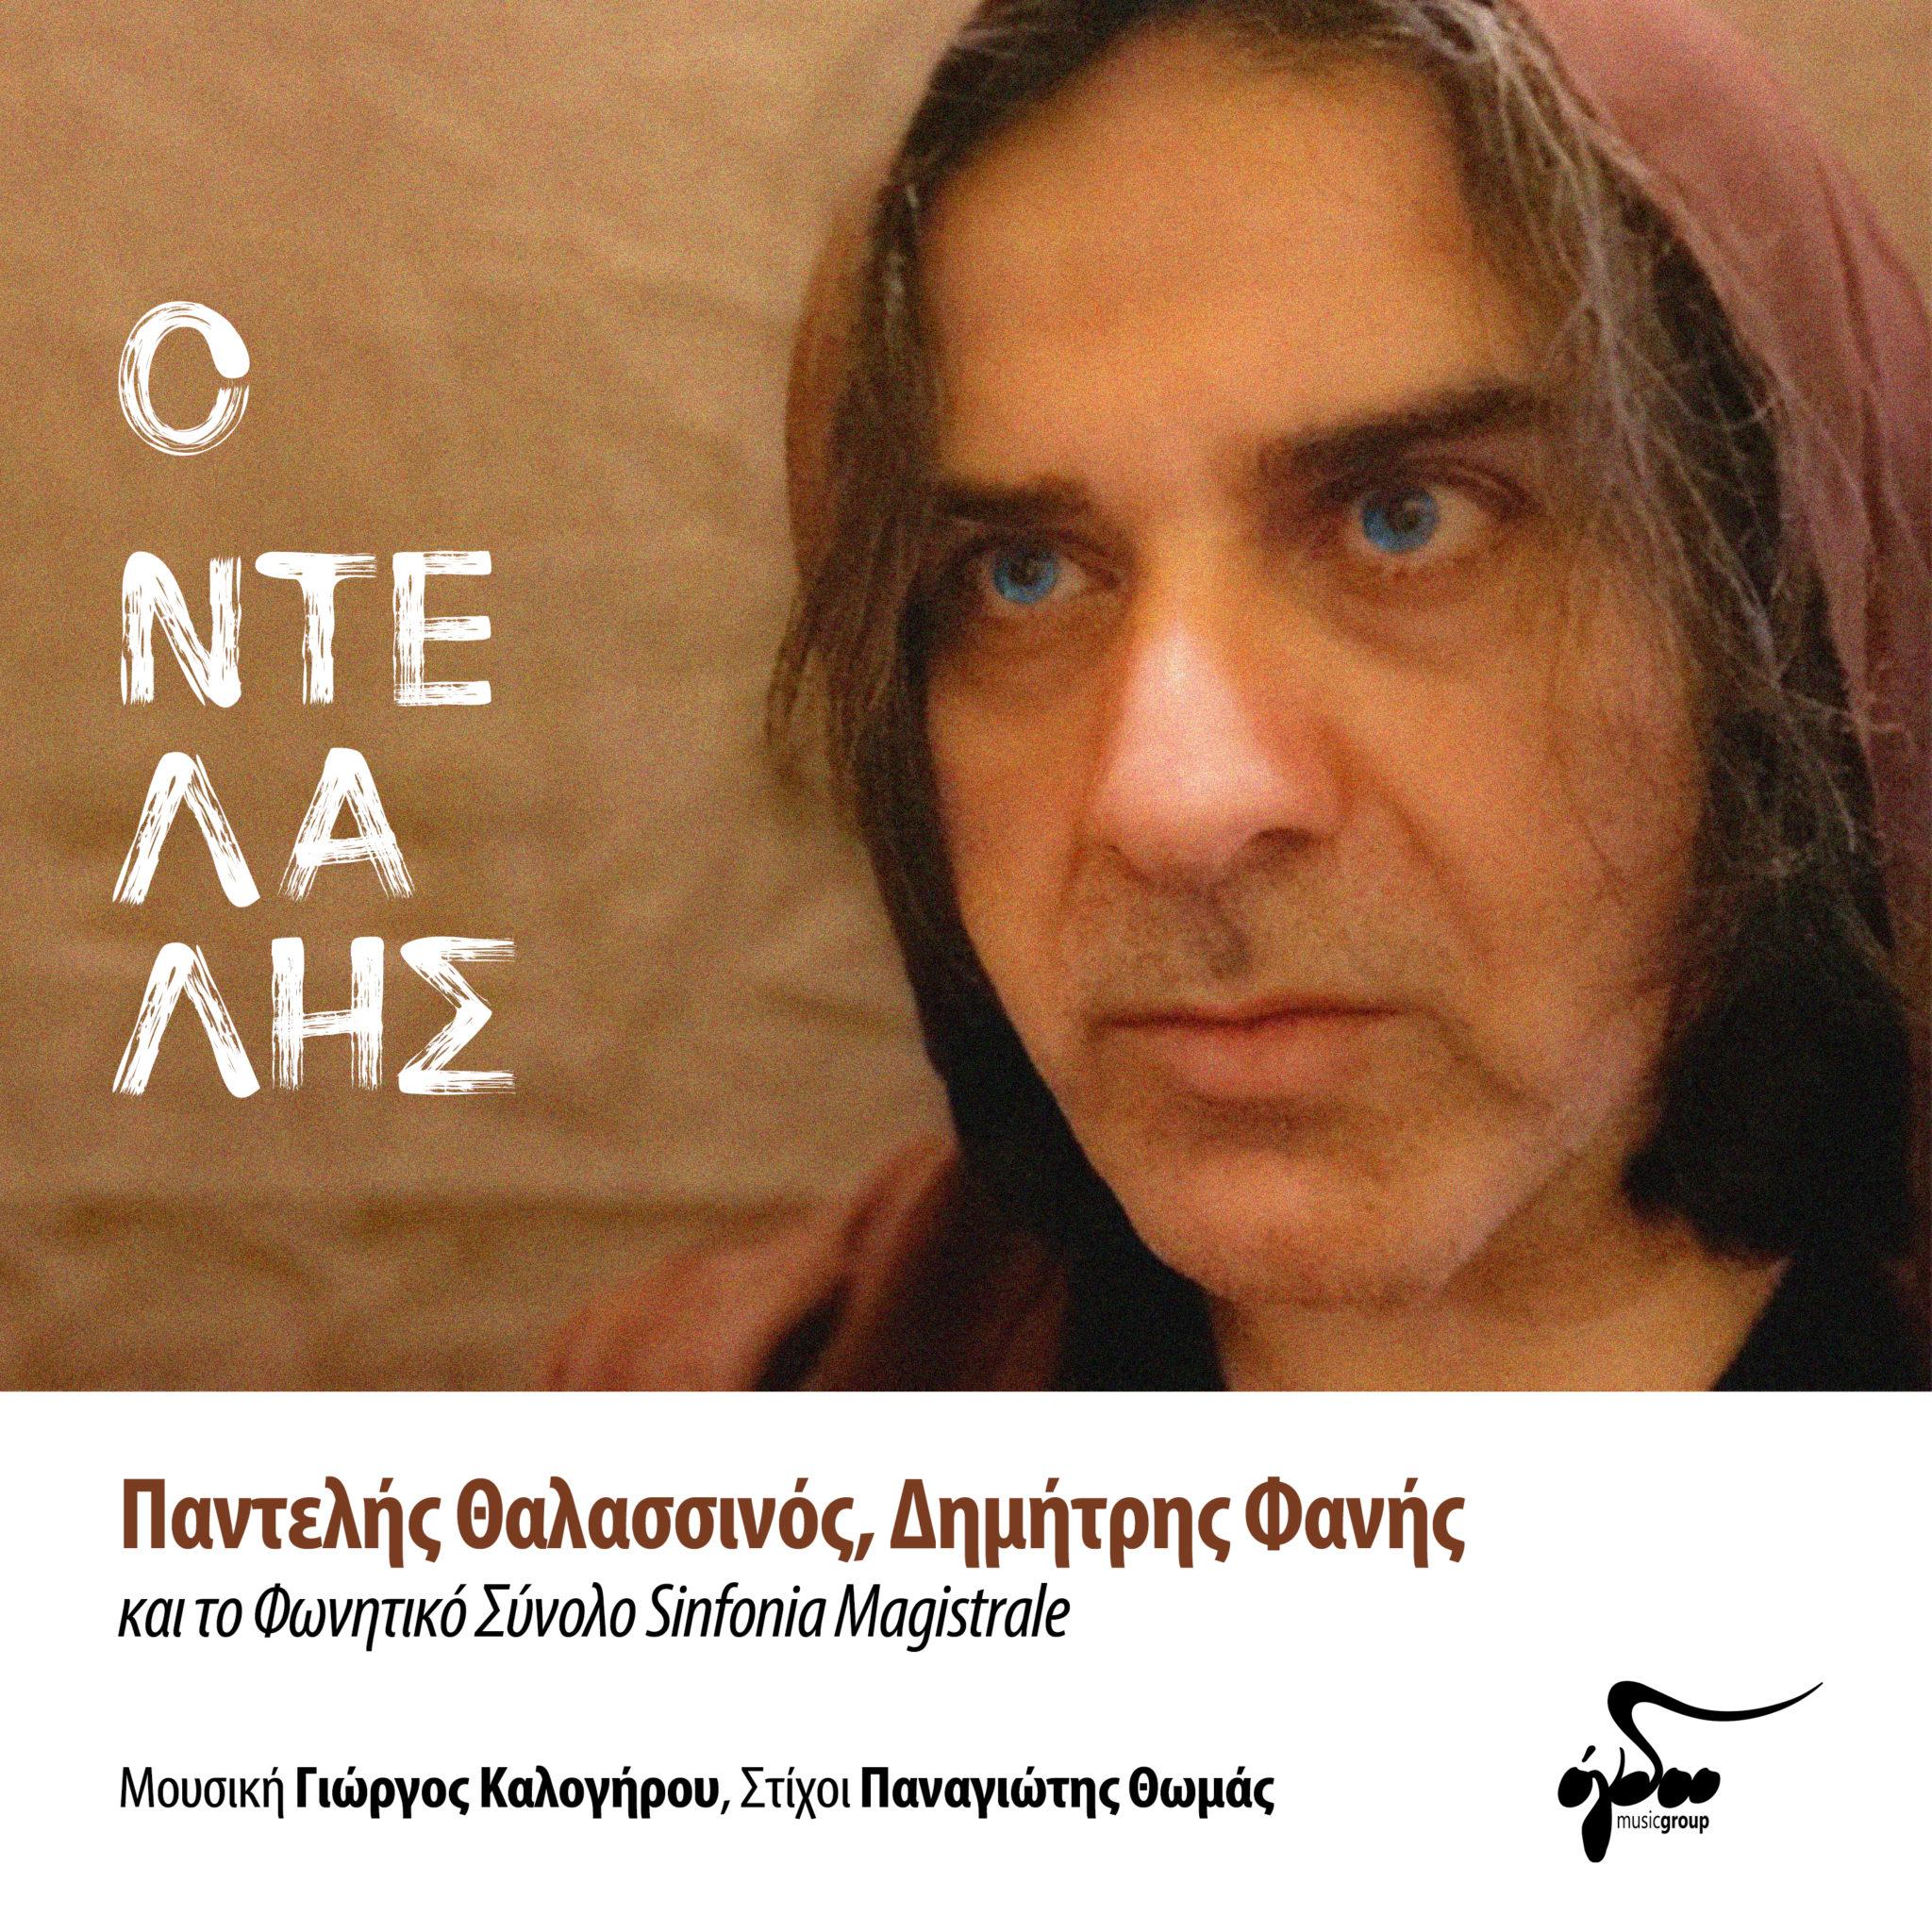 Παντελής Θαλασσινός, Δημήτρης Φανής & Sinfonia Magistrale - «Ο Ντελάλης» |  Νέο τραγούδι | Empneusi 107 FM